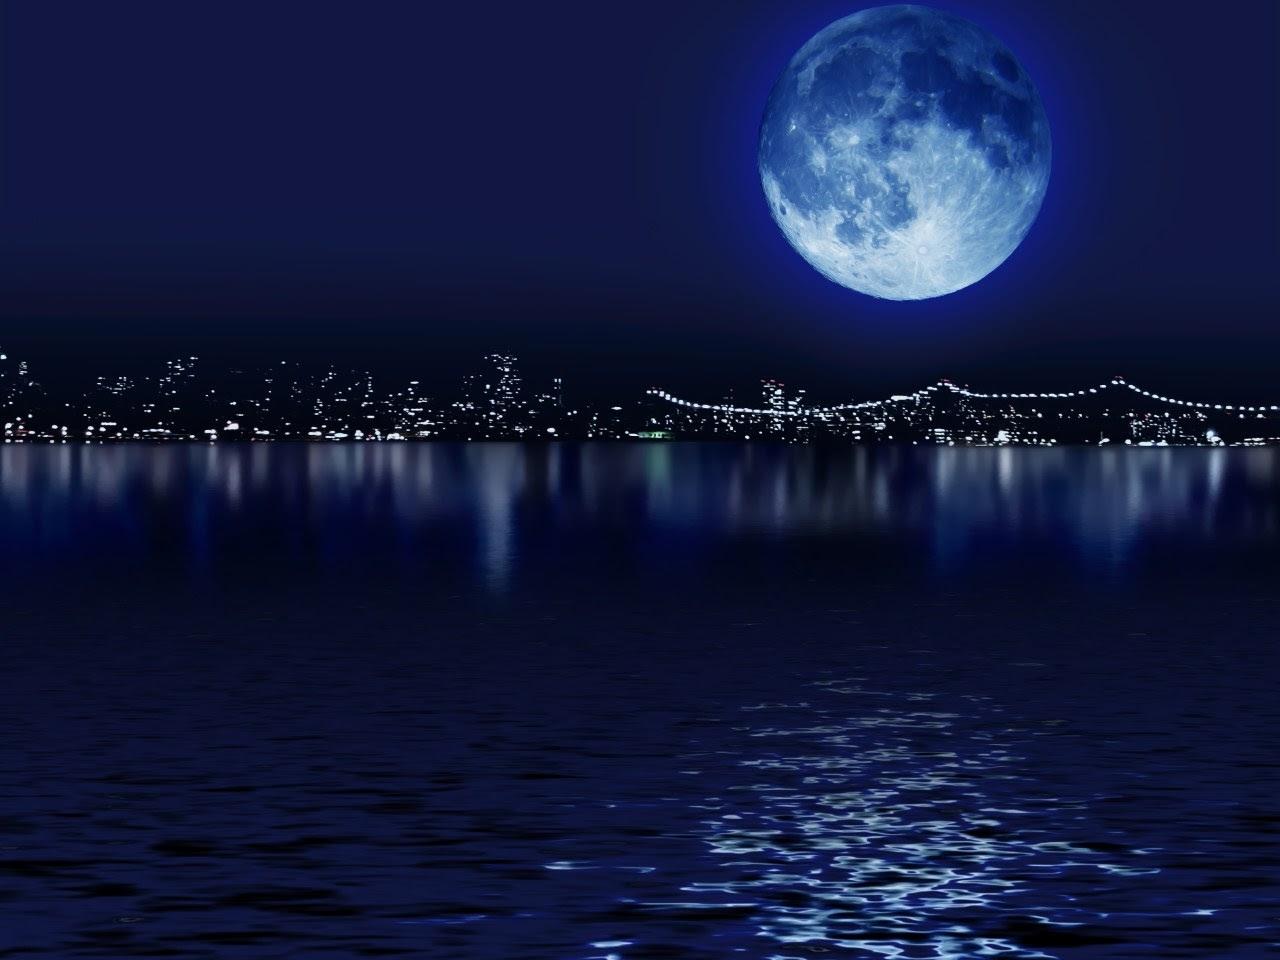 27676 скачать обои Пейзаж, Море, Ночь, Луна - заставки и картинки бесплатно